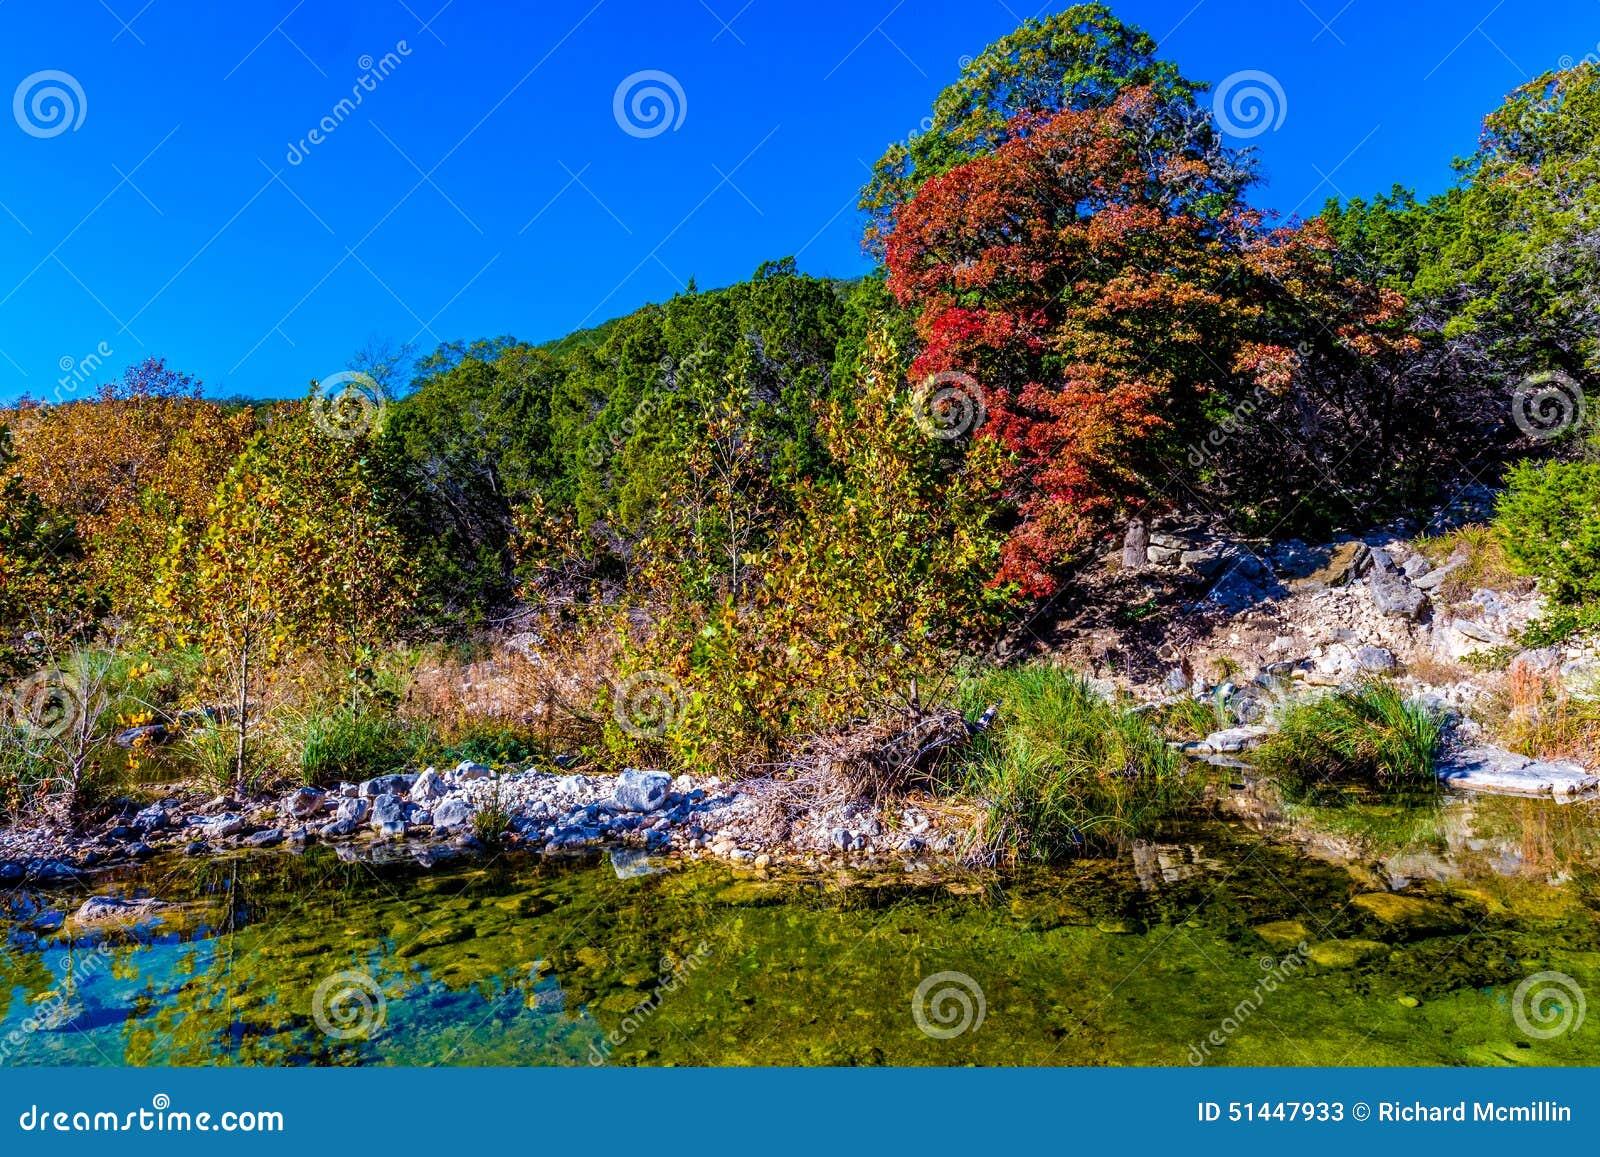 Follaje de otoño hermoso brillante en árboles de arce imponentes